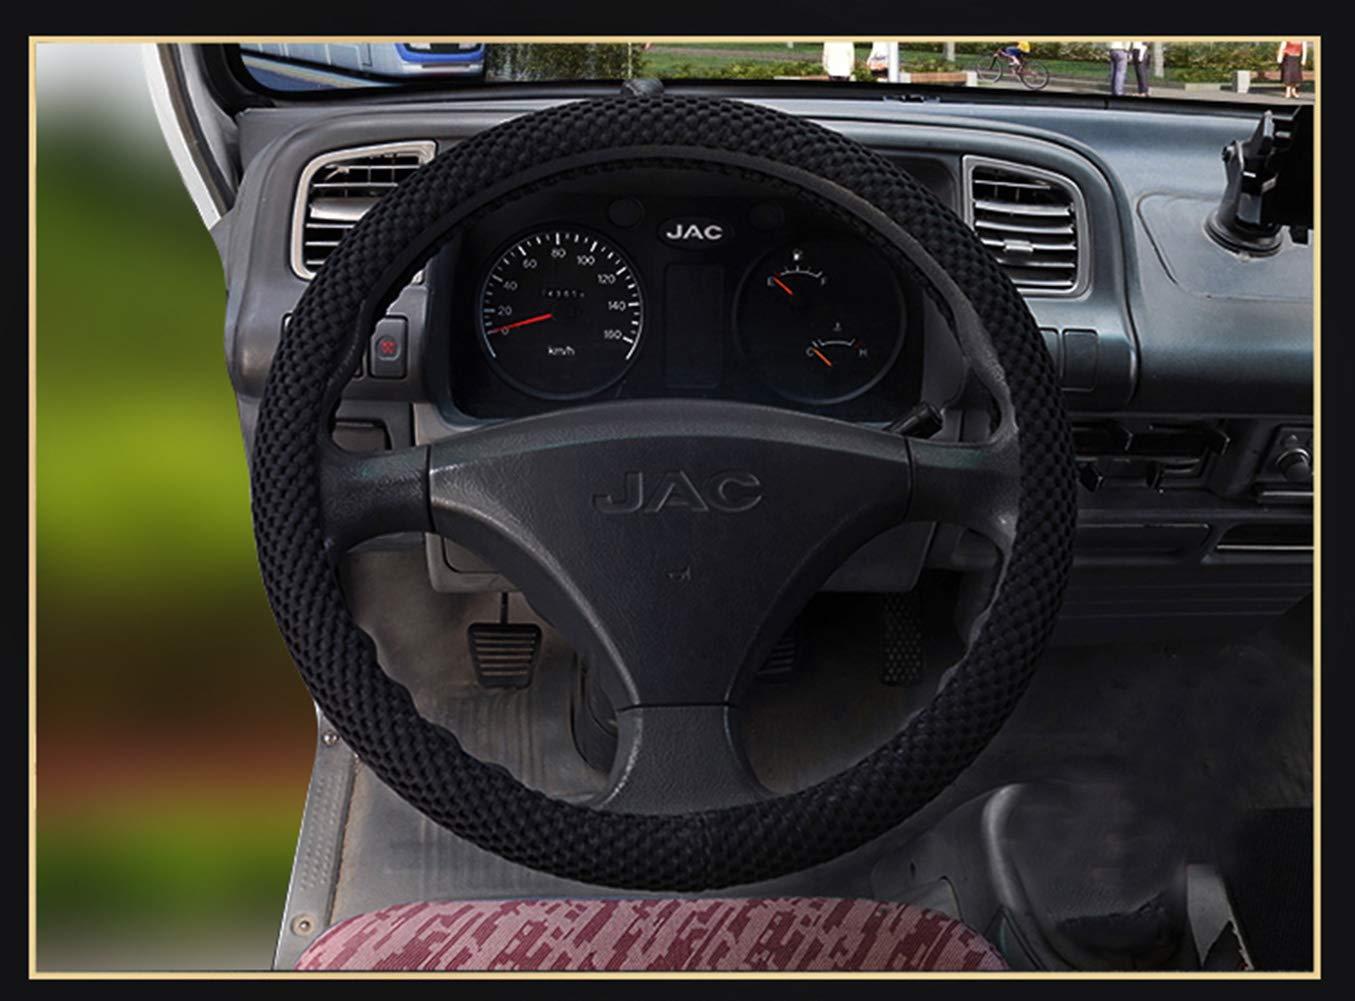 ZJWZ Cubierta De Volante De Coche De Seda De Hielo Transpirable, Four Seasons Universal 3D Antideslizante Malla Camión Manejar,45Cm: Amazon.es: Hogar